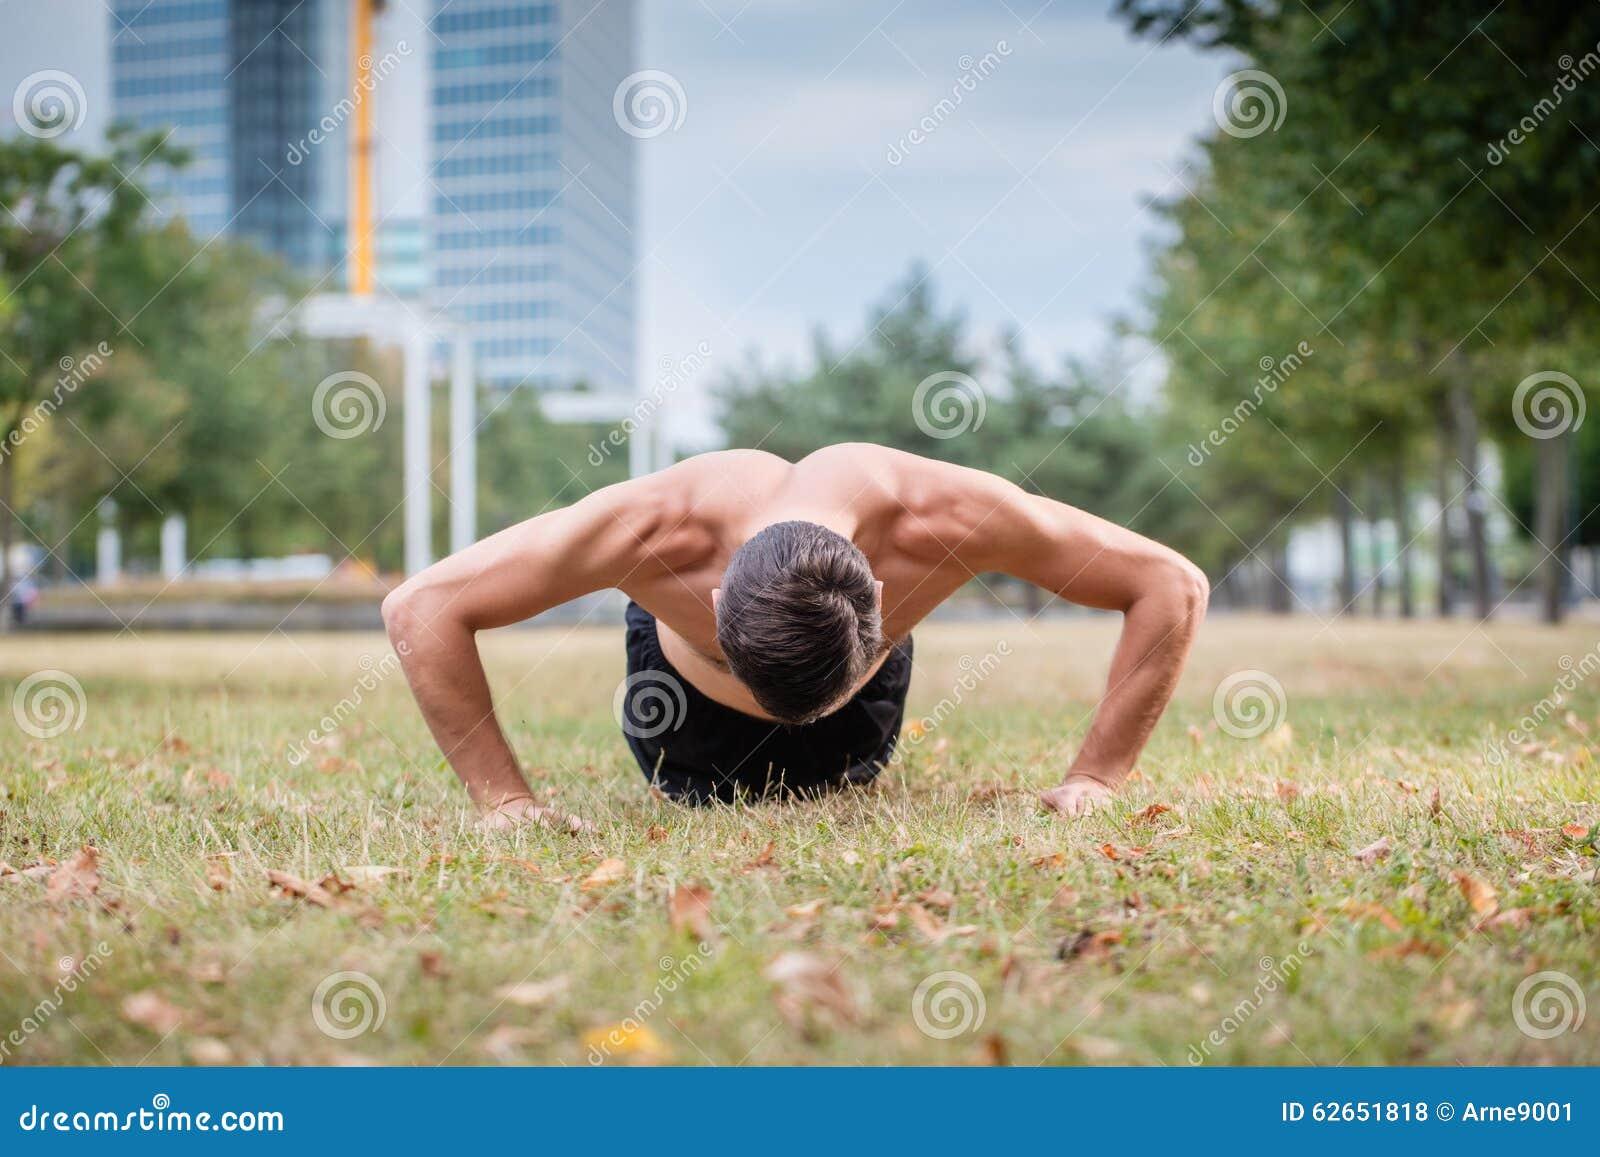 Homme faisant la pompe comme sport pour une meilleure forme physique